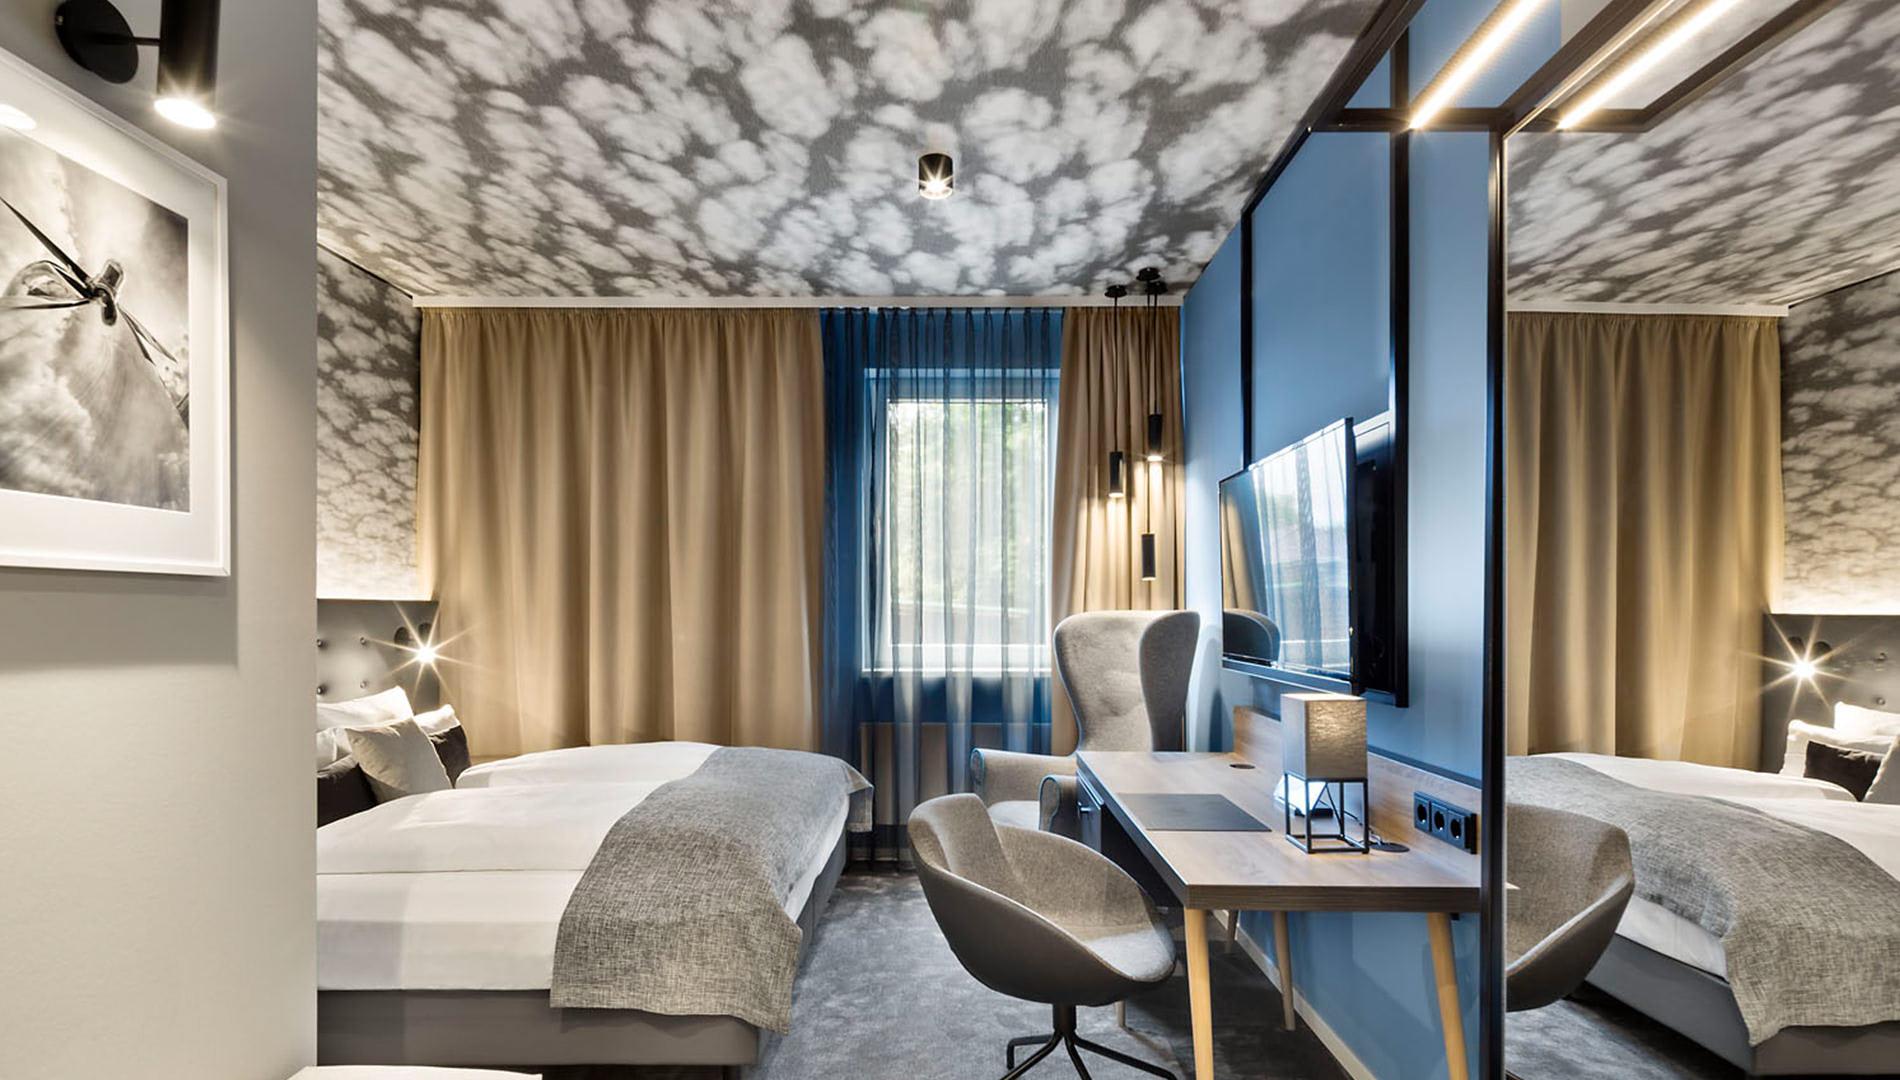 Destinationsentwicklung Boutique Hotels by Centro Hamburg Dortmund Hotel Design Hotelzimmer Going Places